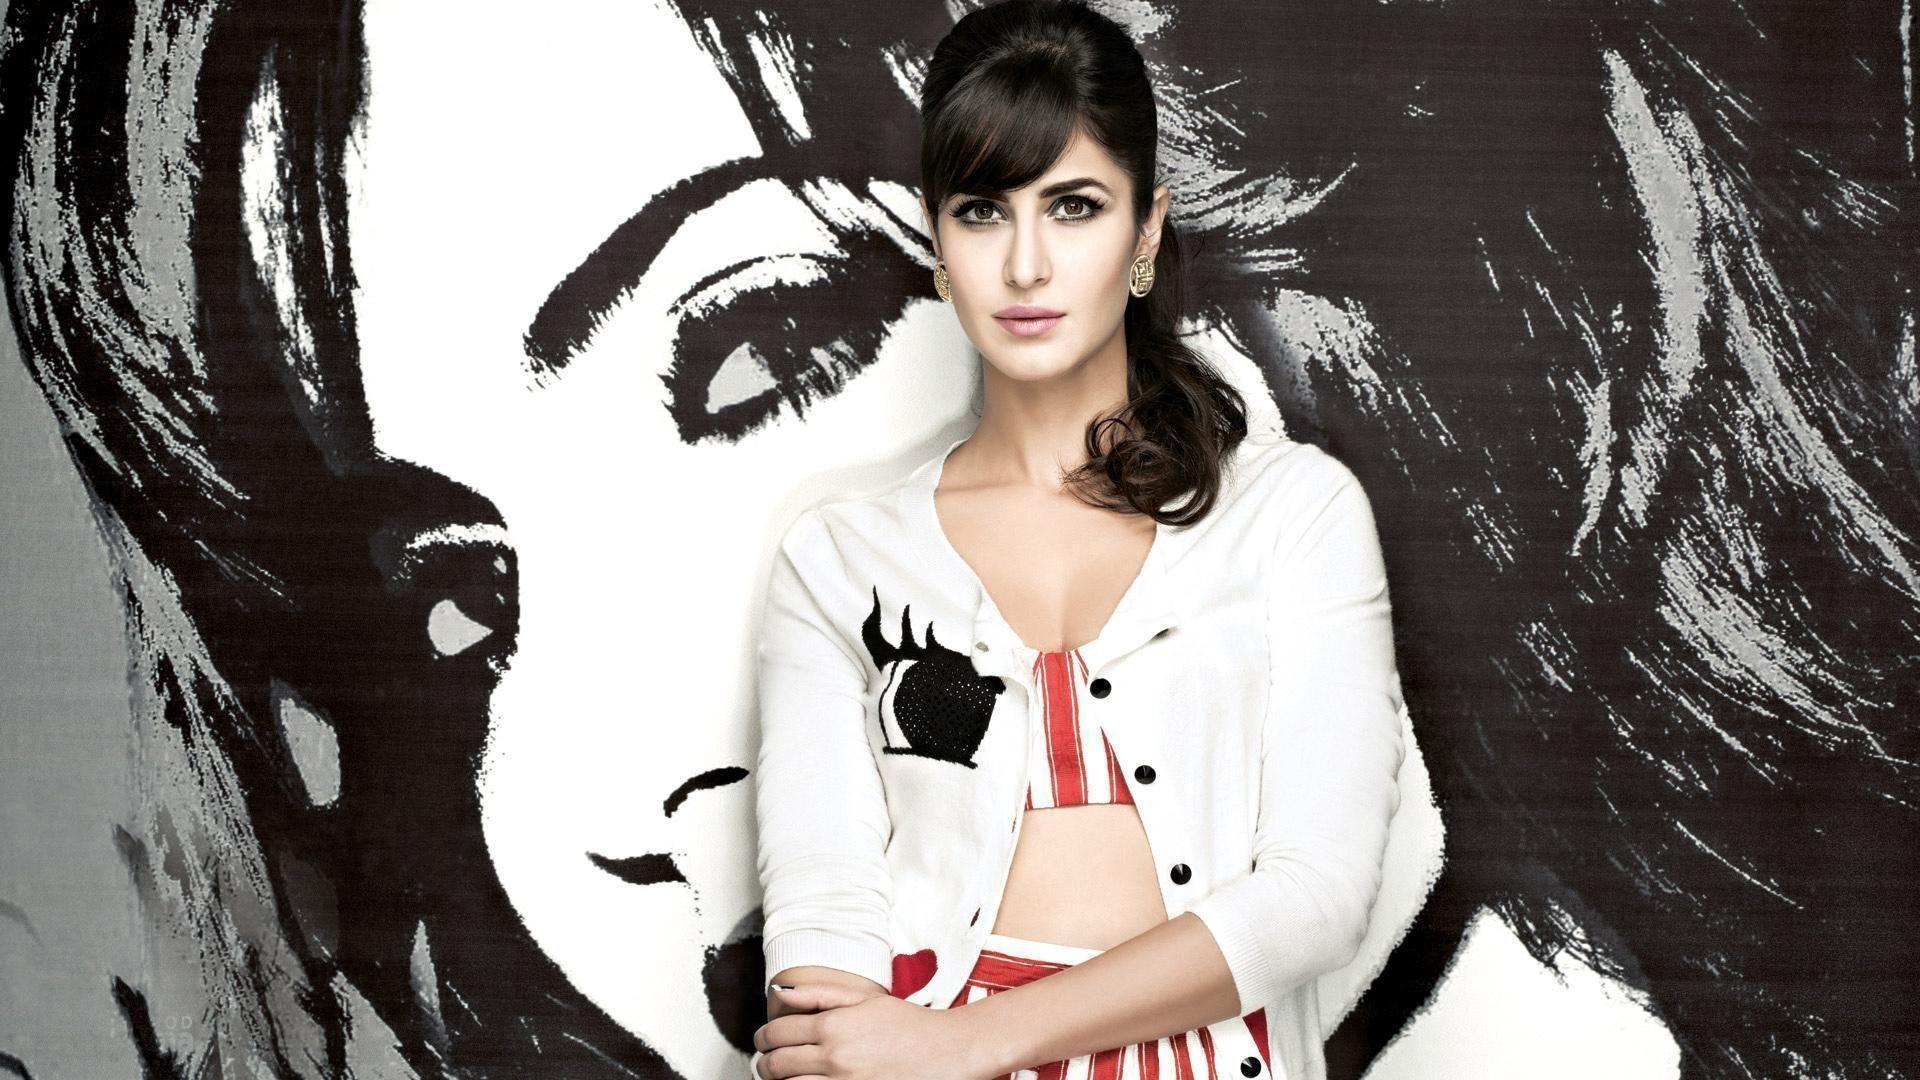 Katrina Kaif Wallpapers HD Download